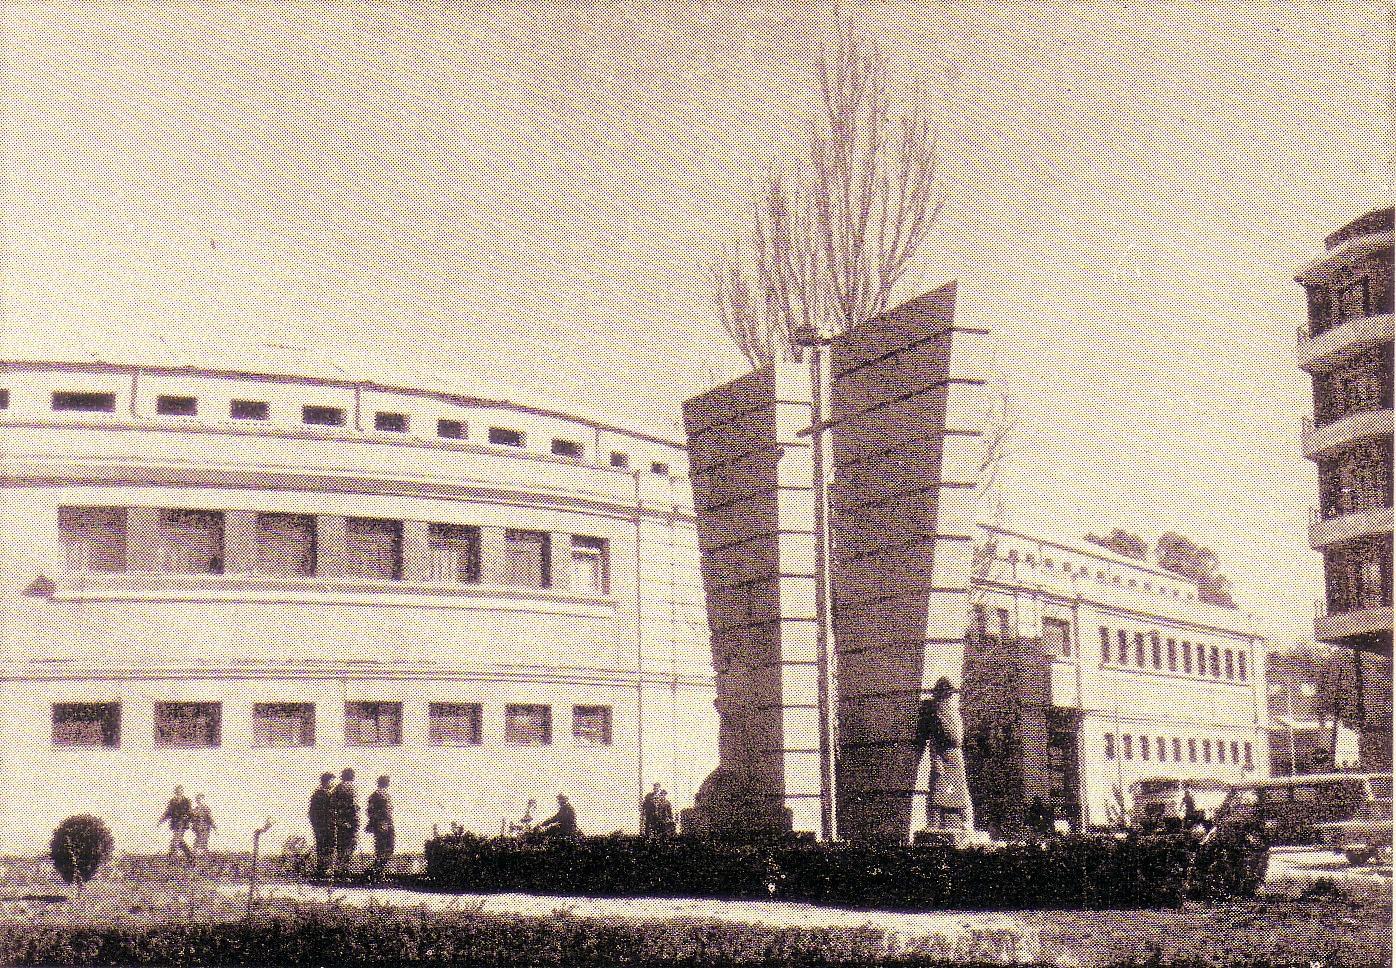 Monumento a los caídos en el trabajo Autor Marino B. Amaya. Años 60